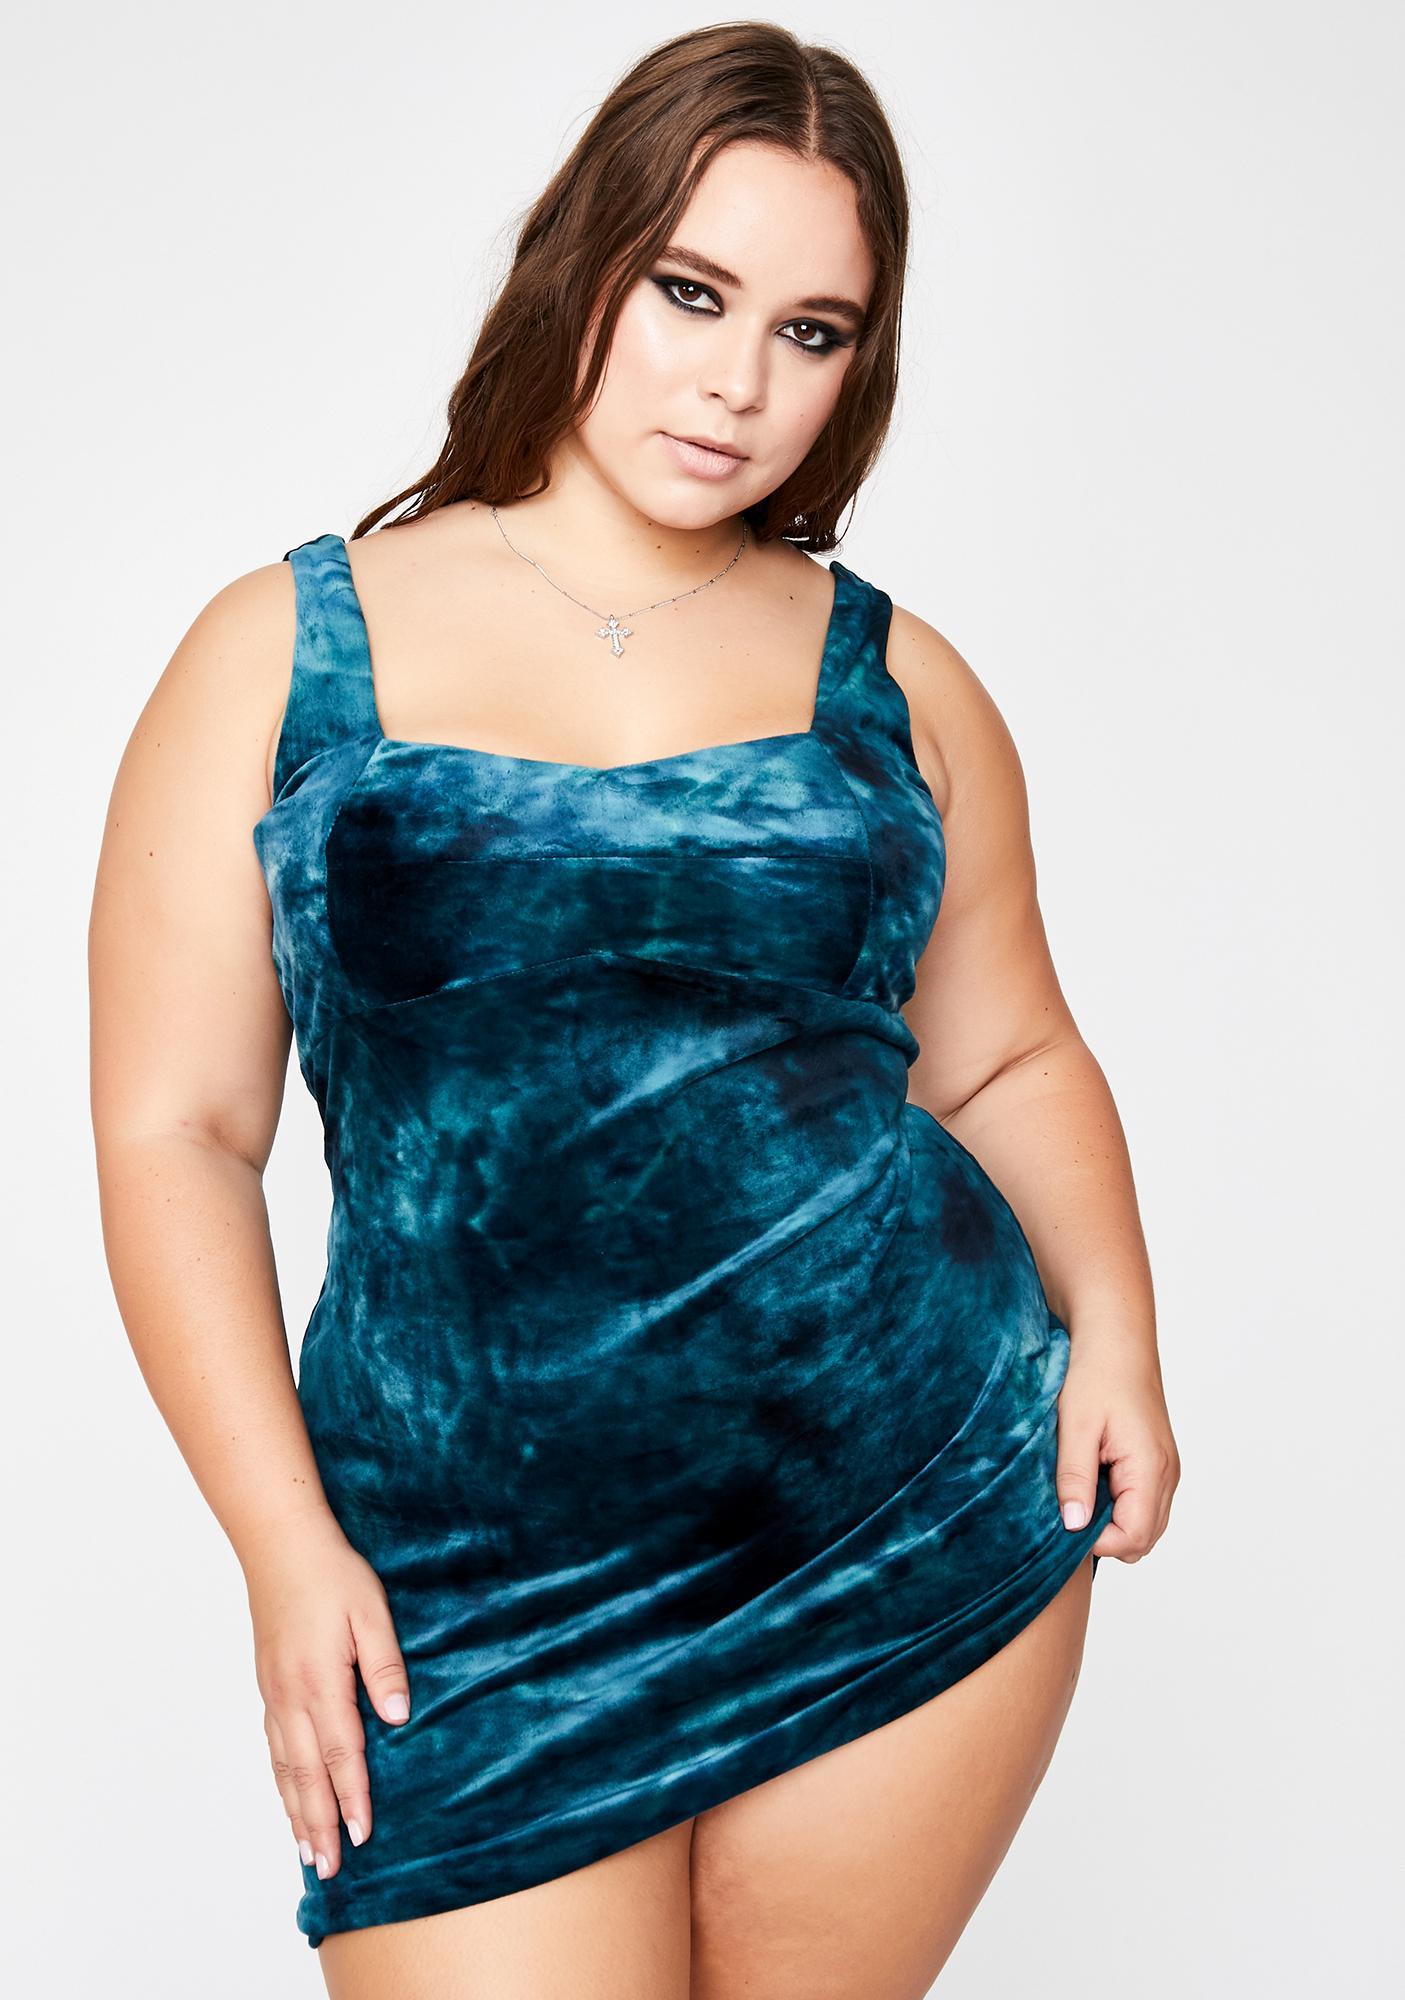 Sky Her Ruthless Temptations Velvet Dress